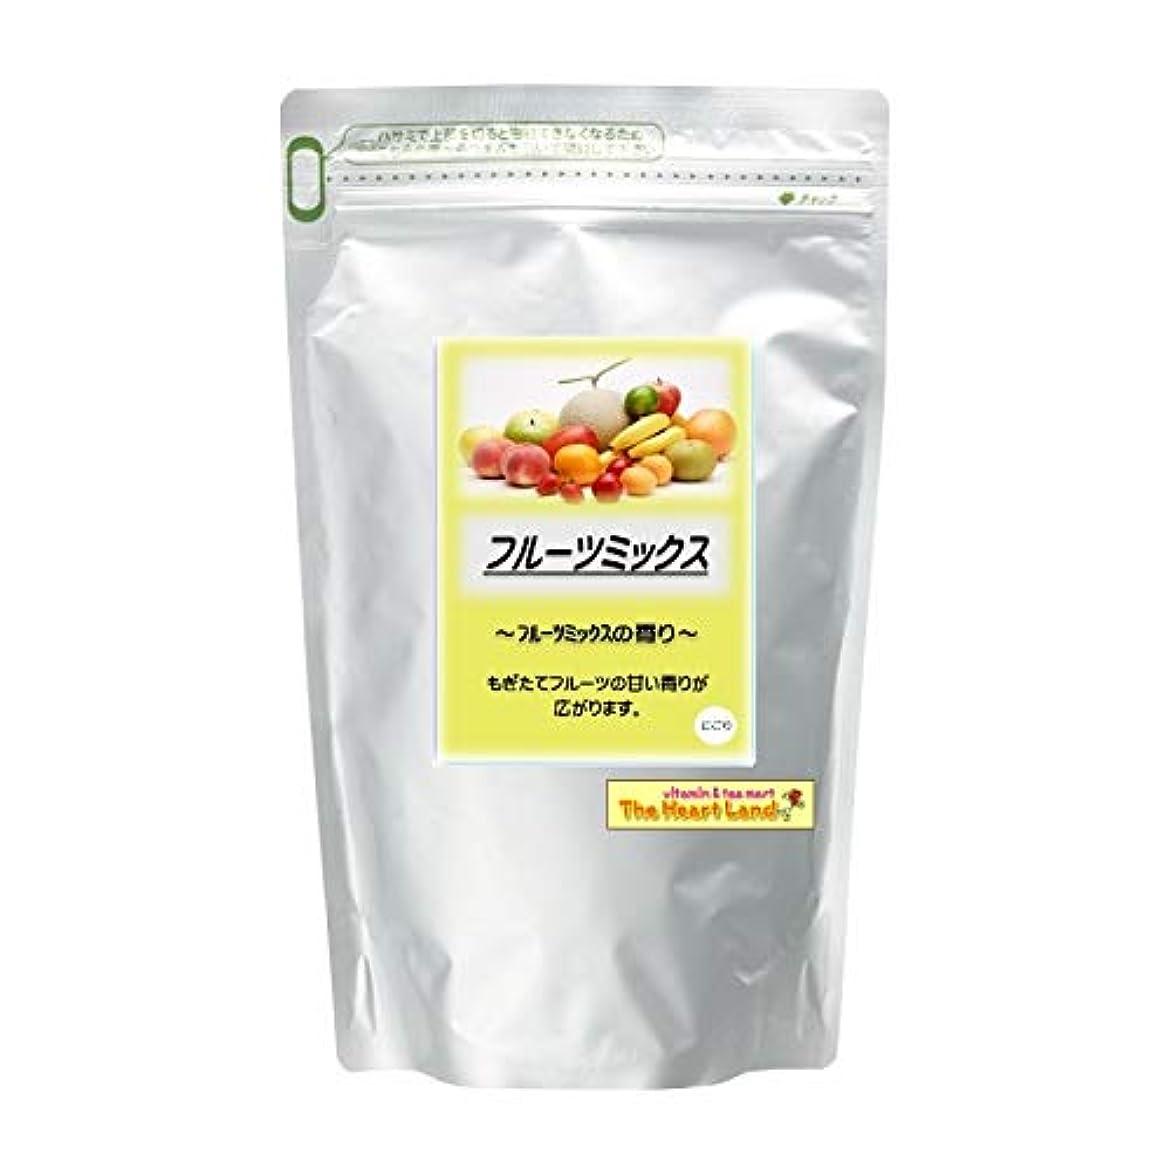 堤防酔っ払いスーパーマーケットアサヒ入浴剤 浴用入浴化粧品 フルーツミックス 300g